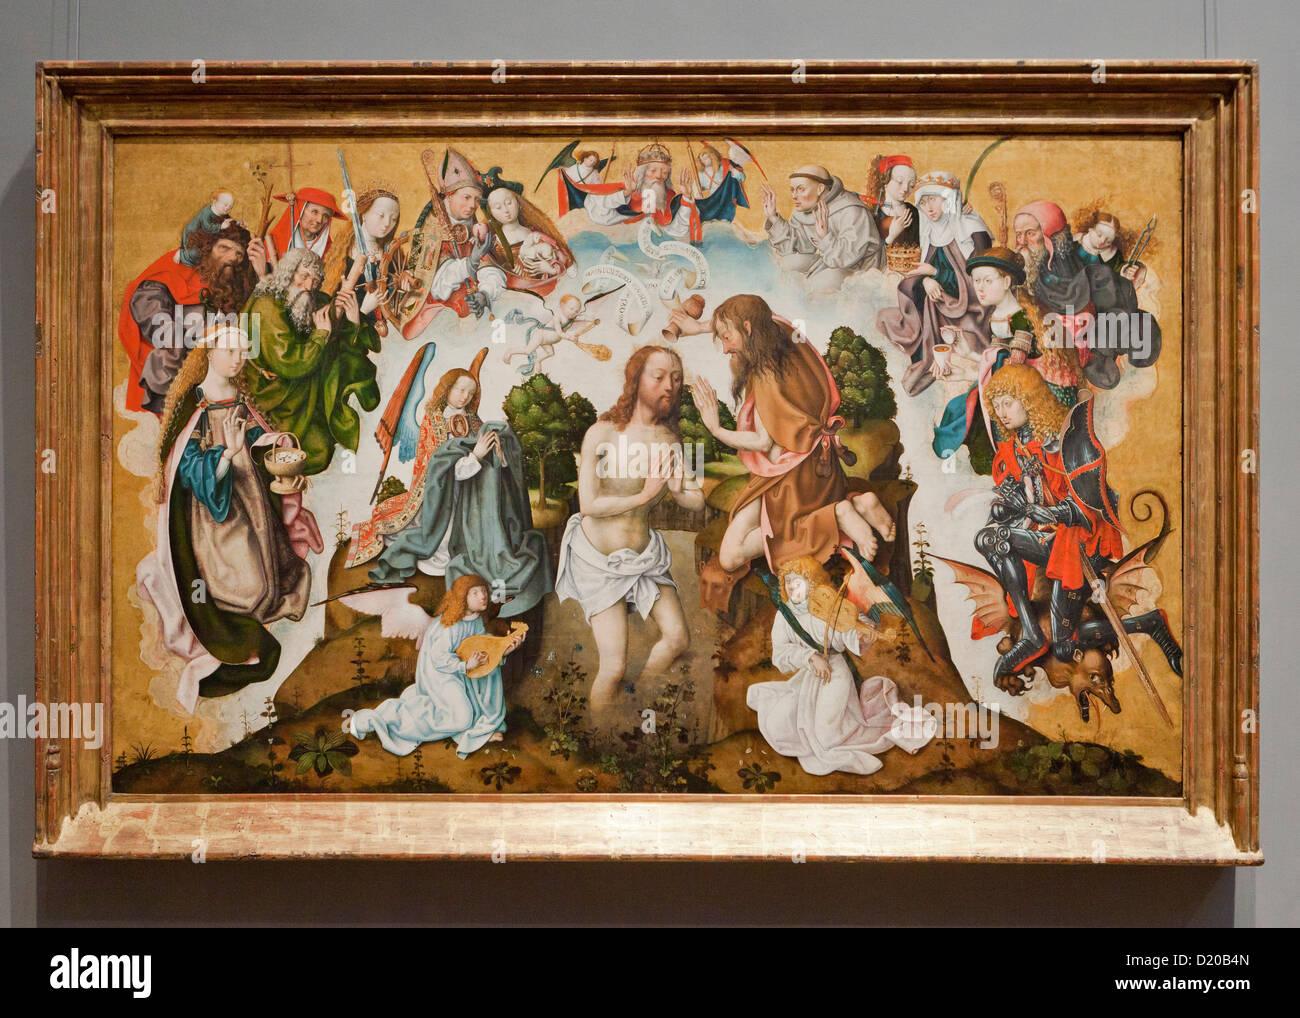 The Baptism of Christ - Master of the Saint Bartholomew Altar, 1485 - Stock Image